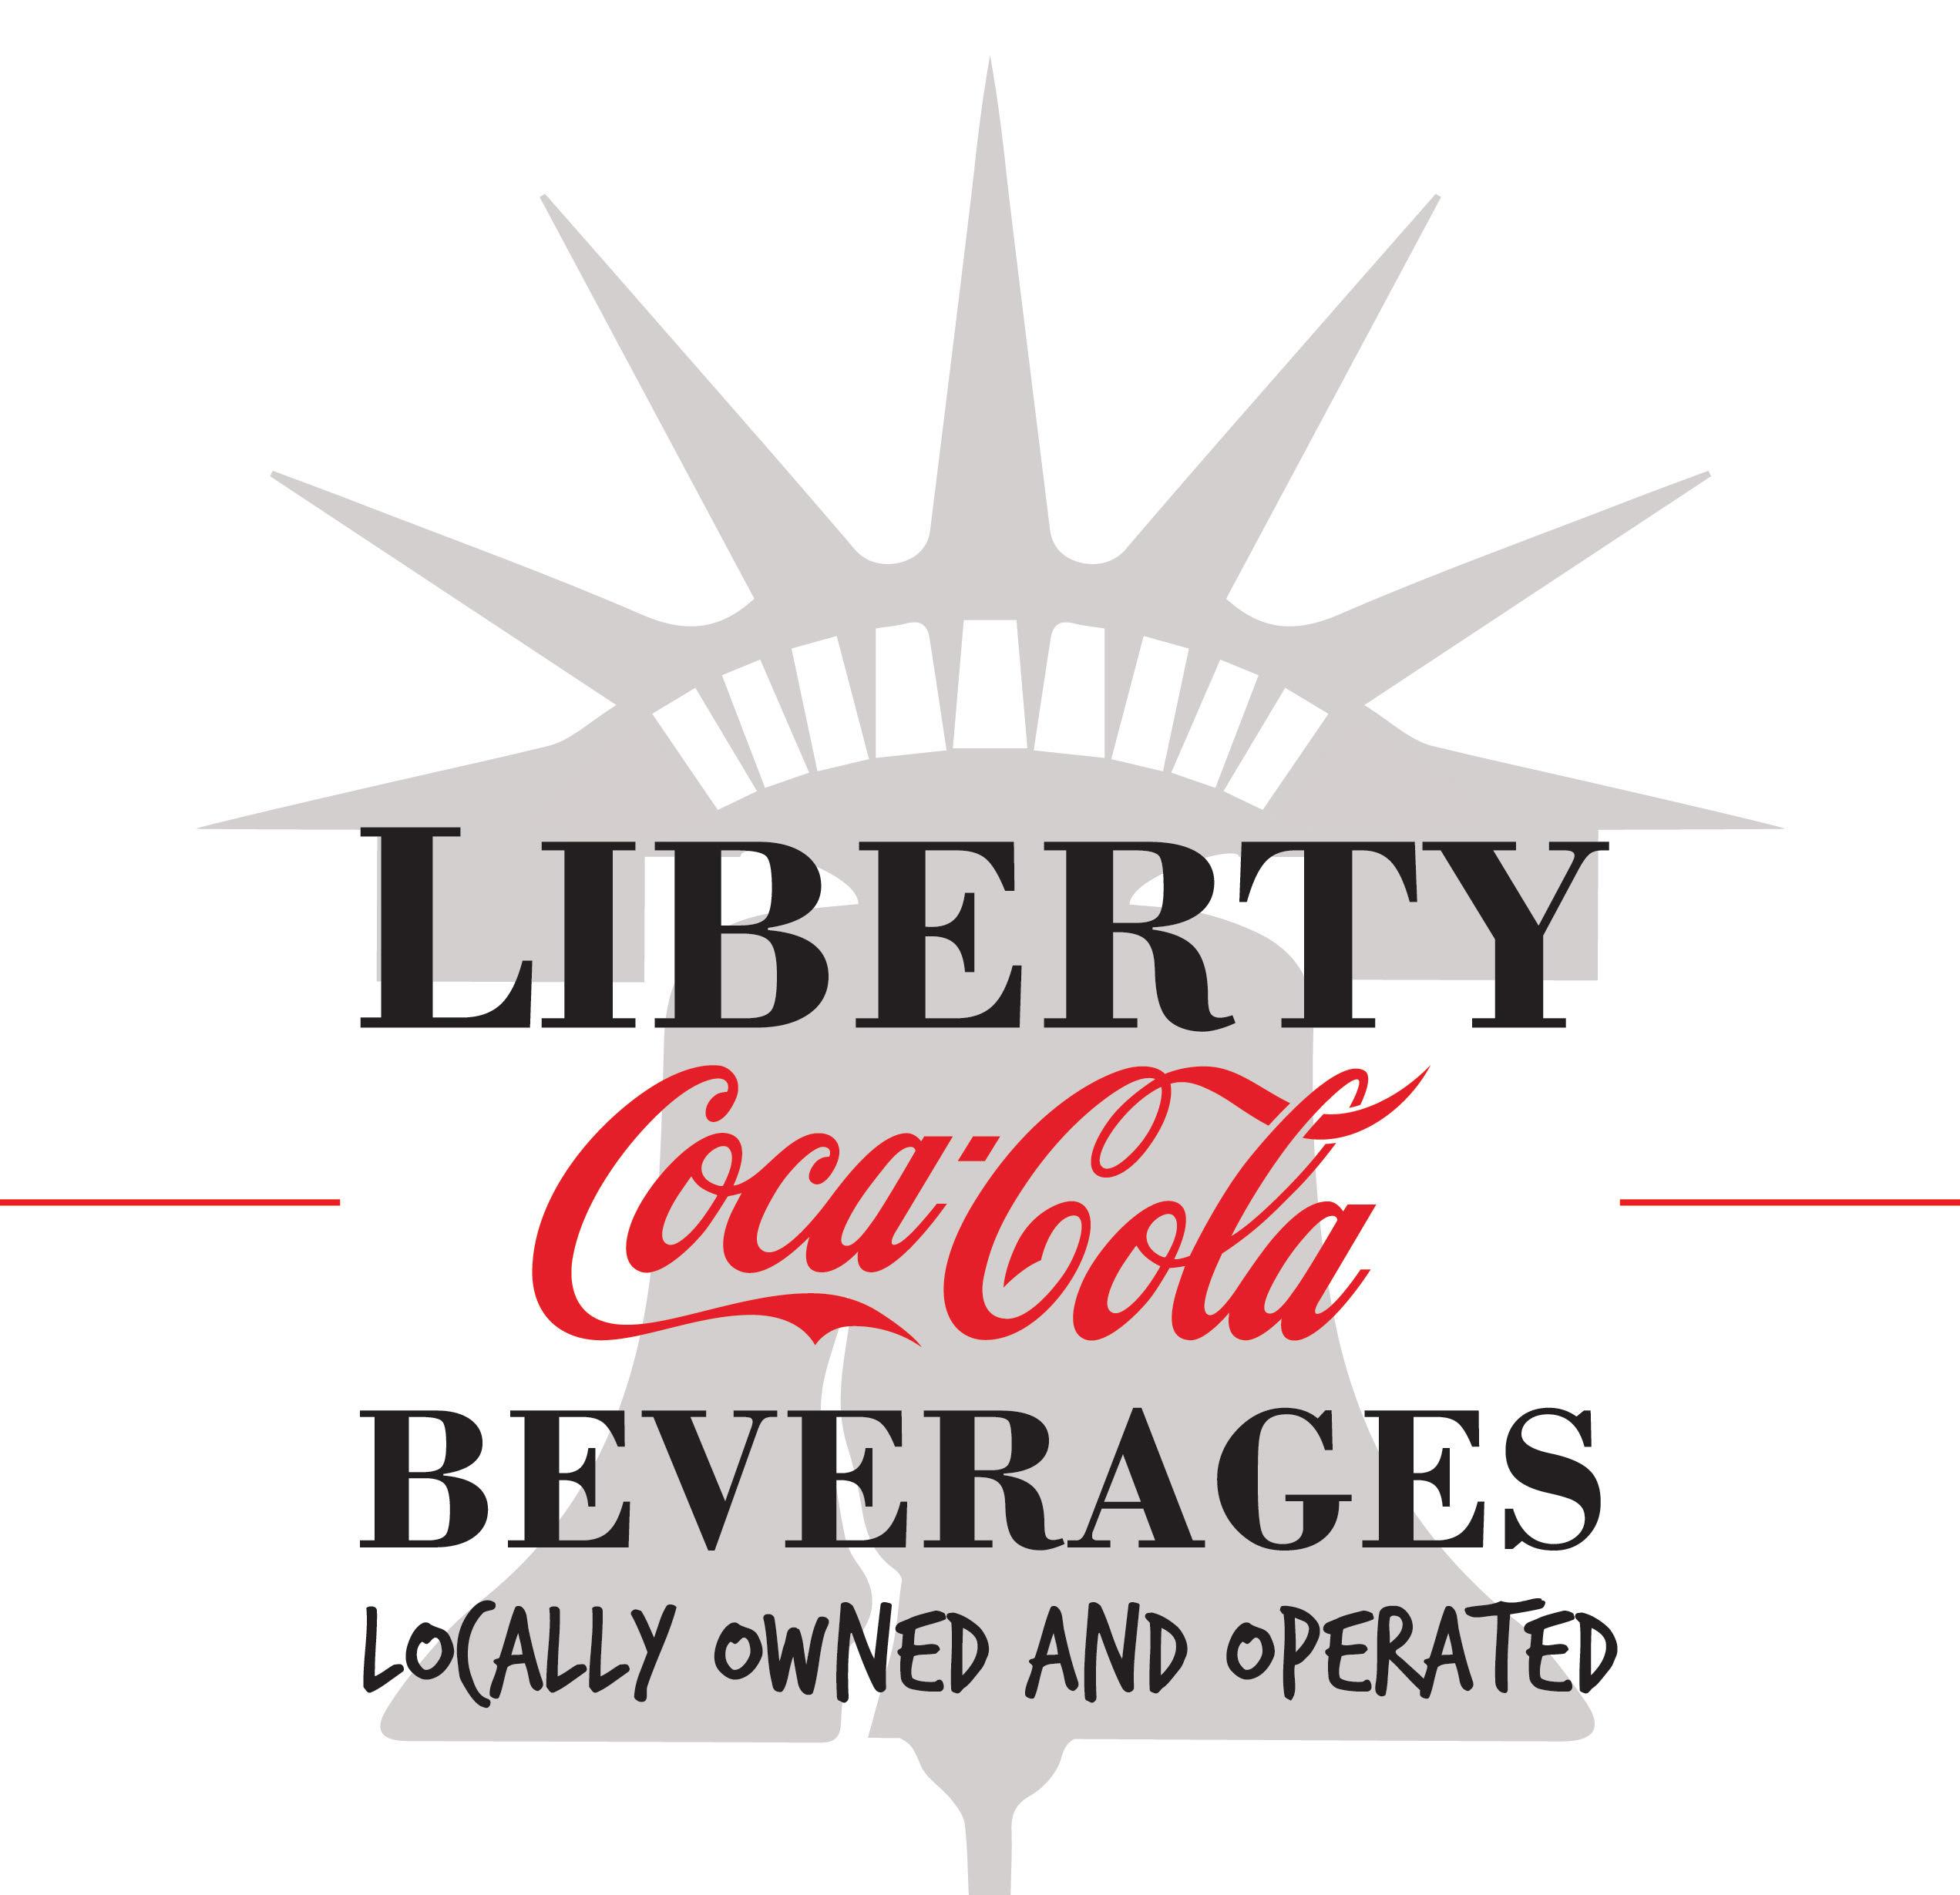 Liberty Coca-Cola